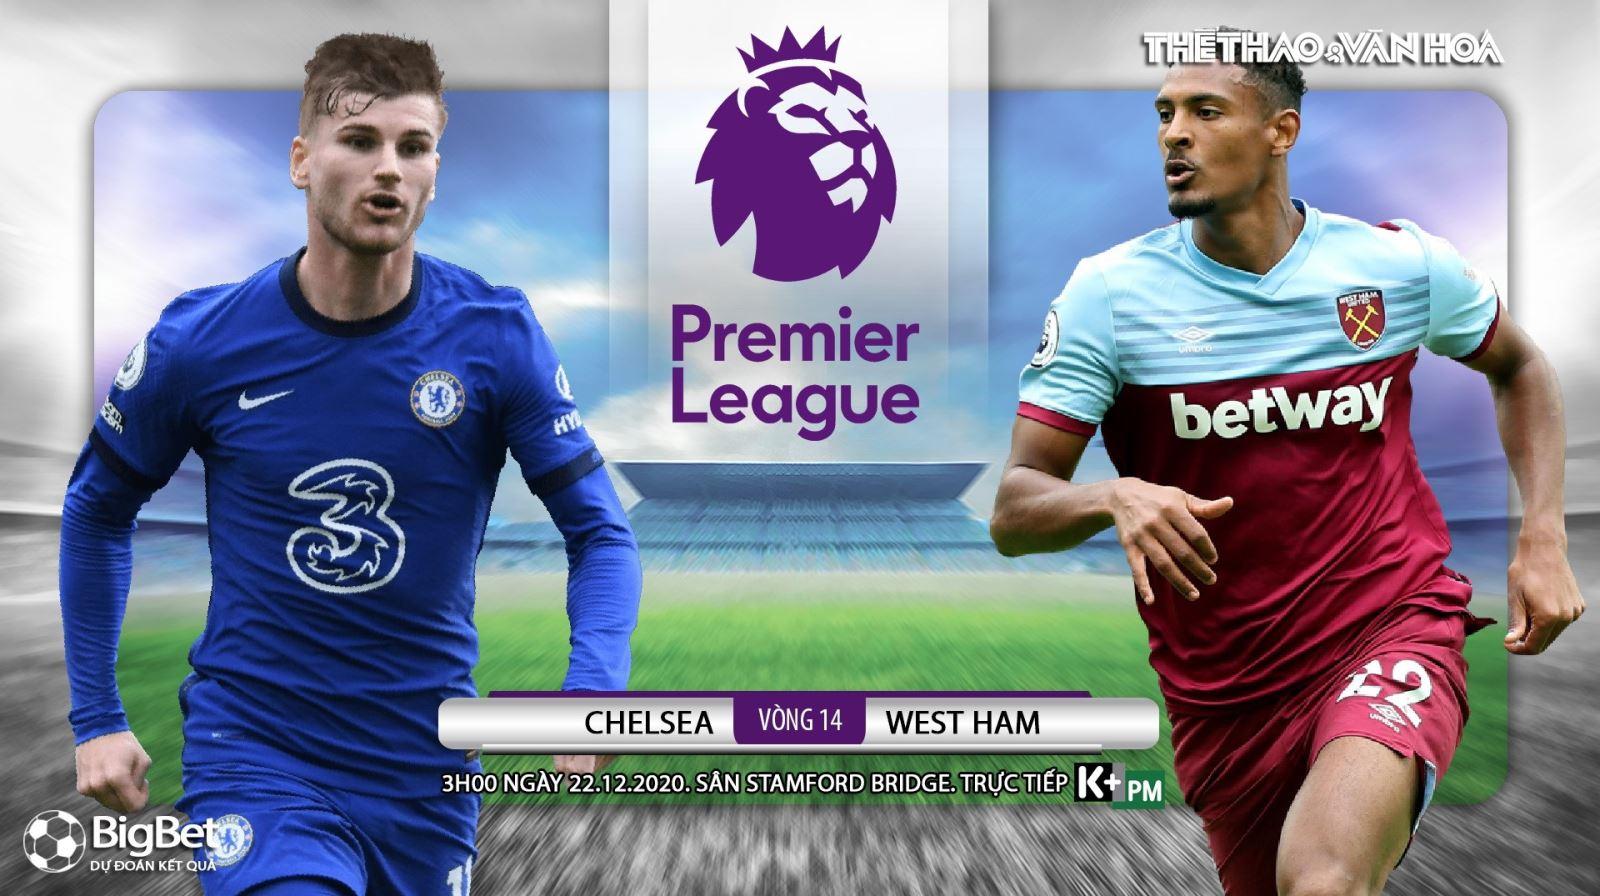 Soi kèo nhà cái Chelsea vs West Ham. Trực tiếp bóng đá vòng 14 Giải Ngoại hạng Anh